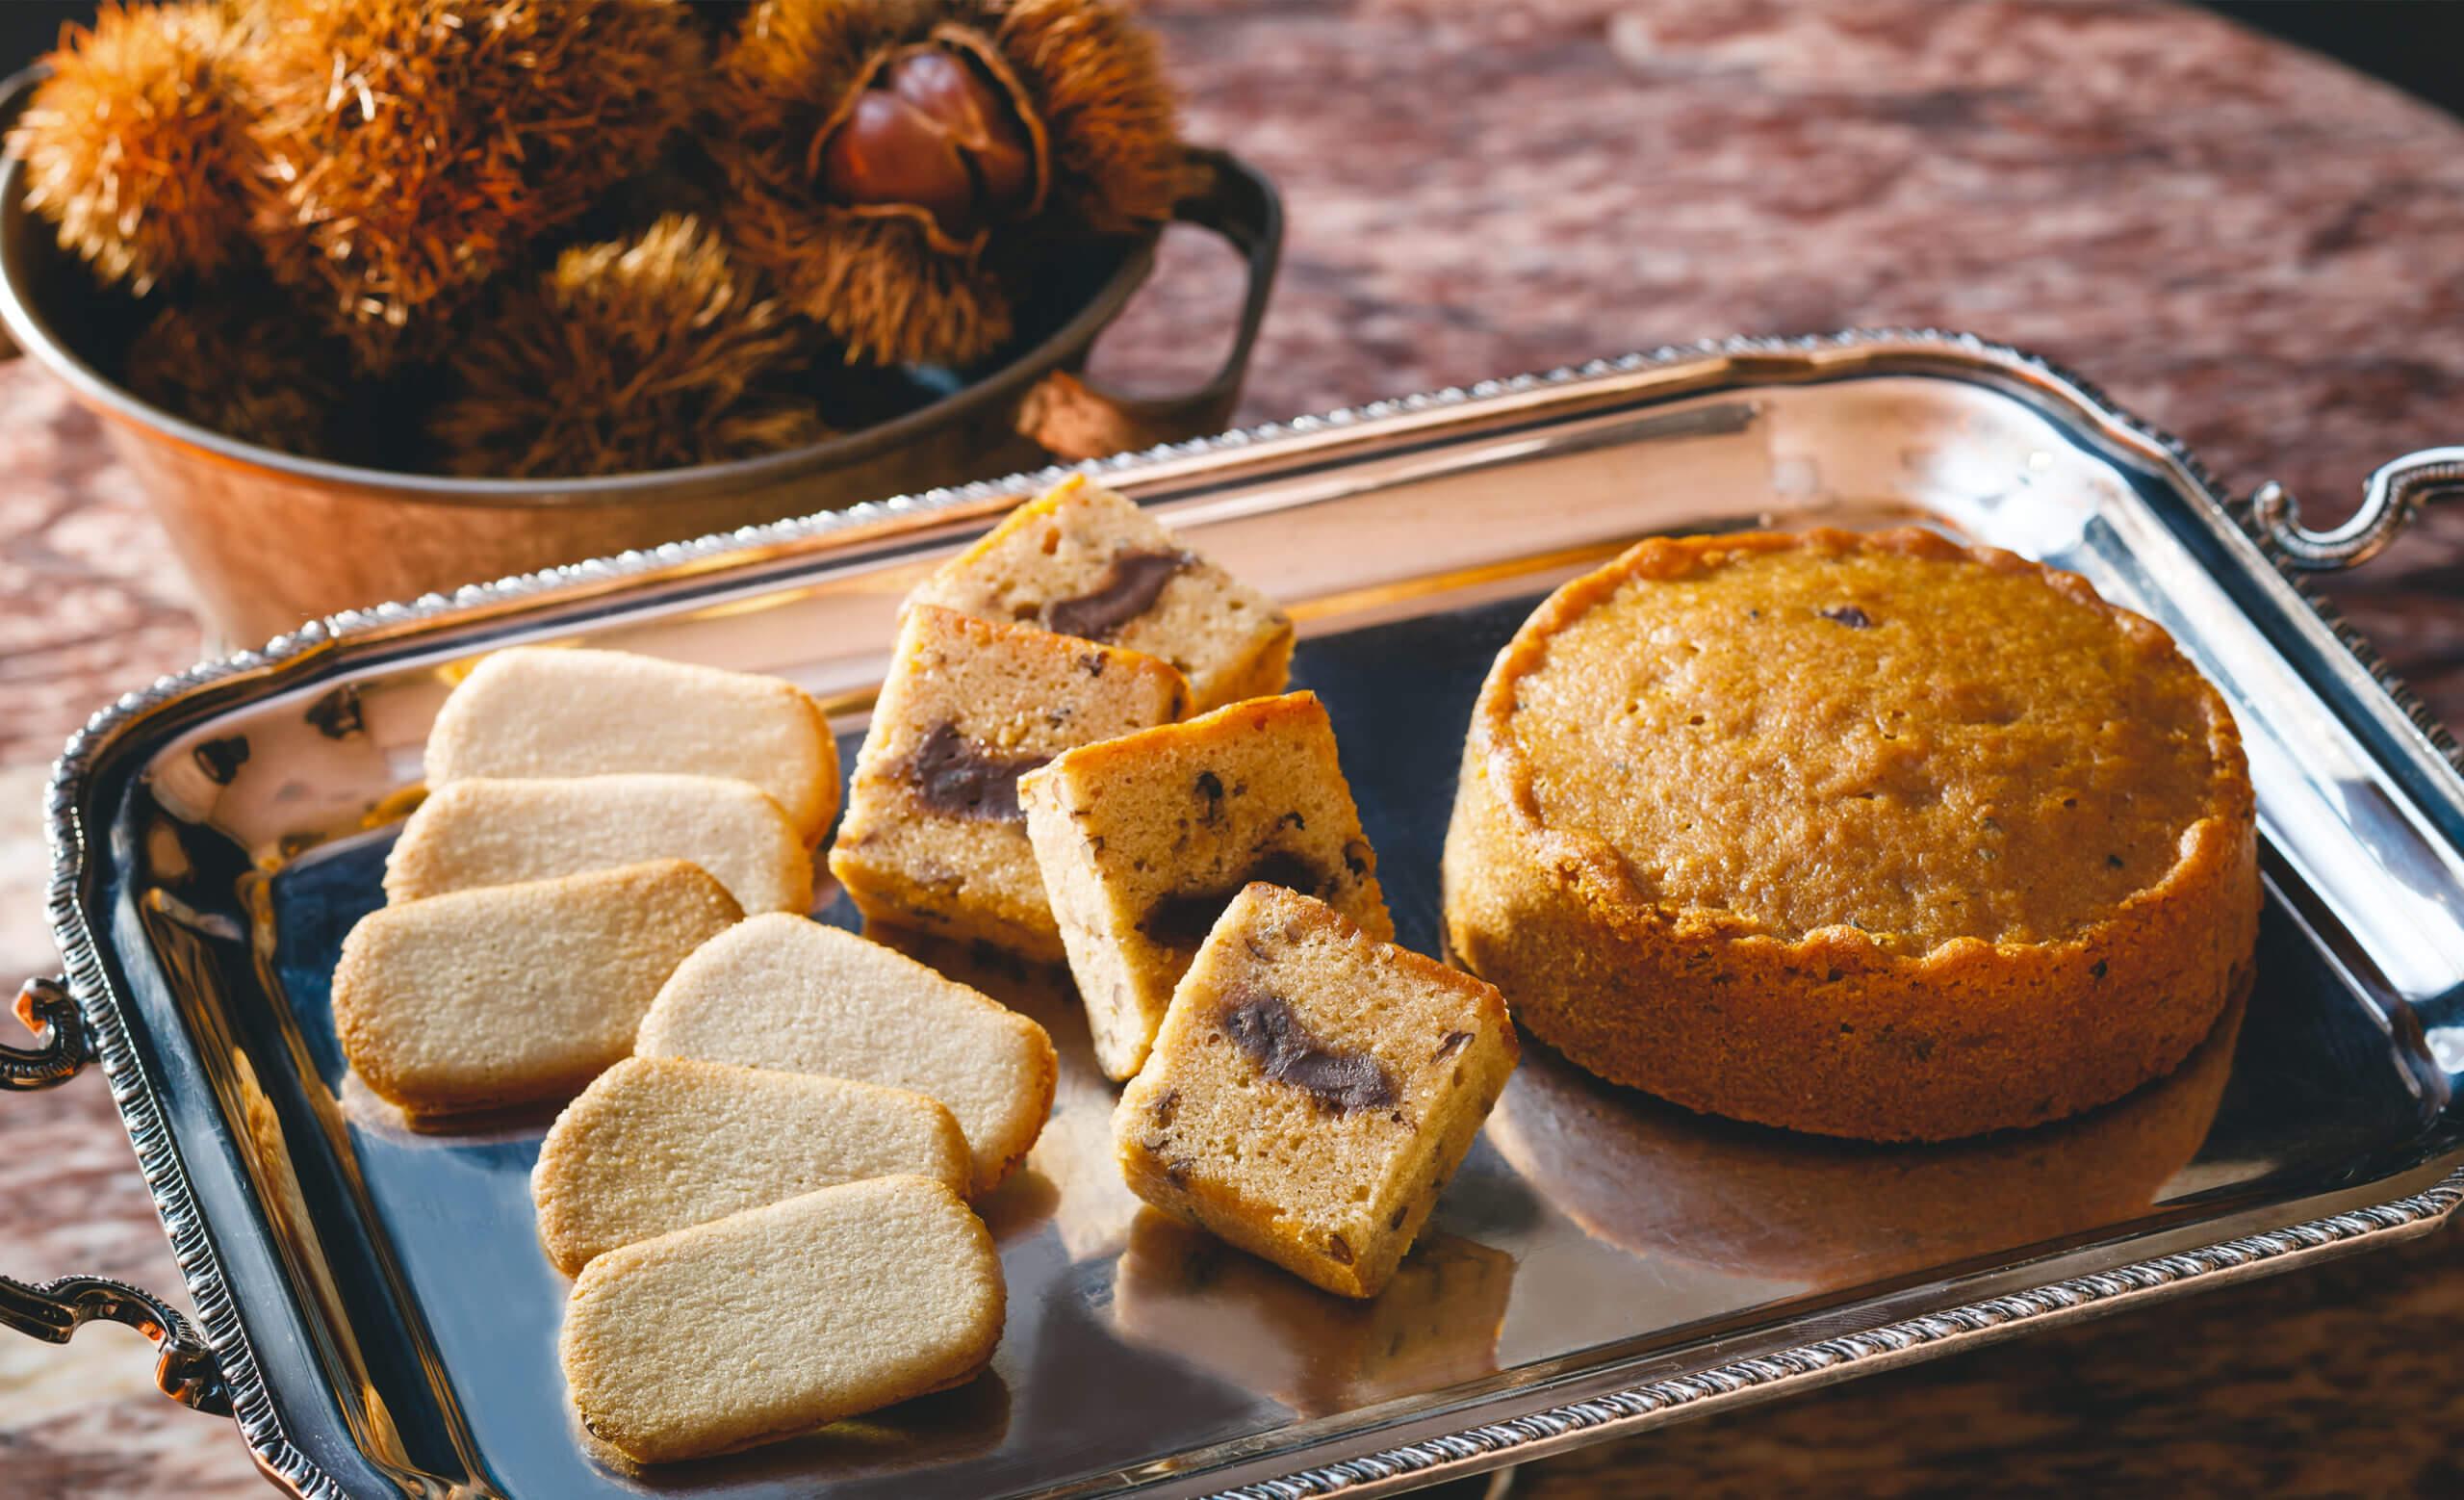 秋限定商品お菓子、ケーキの写真